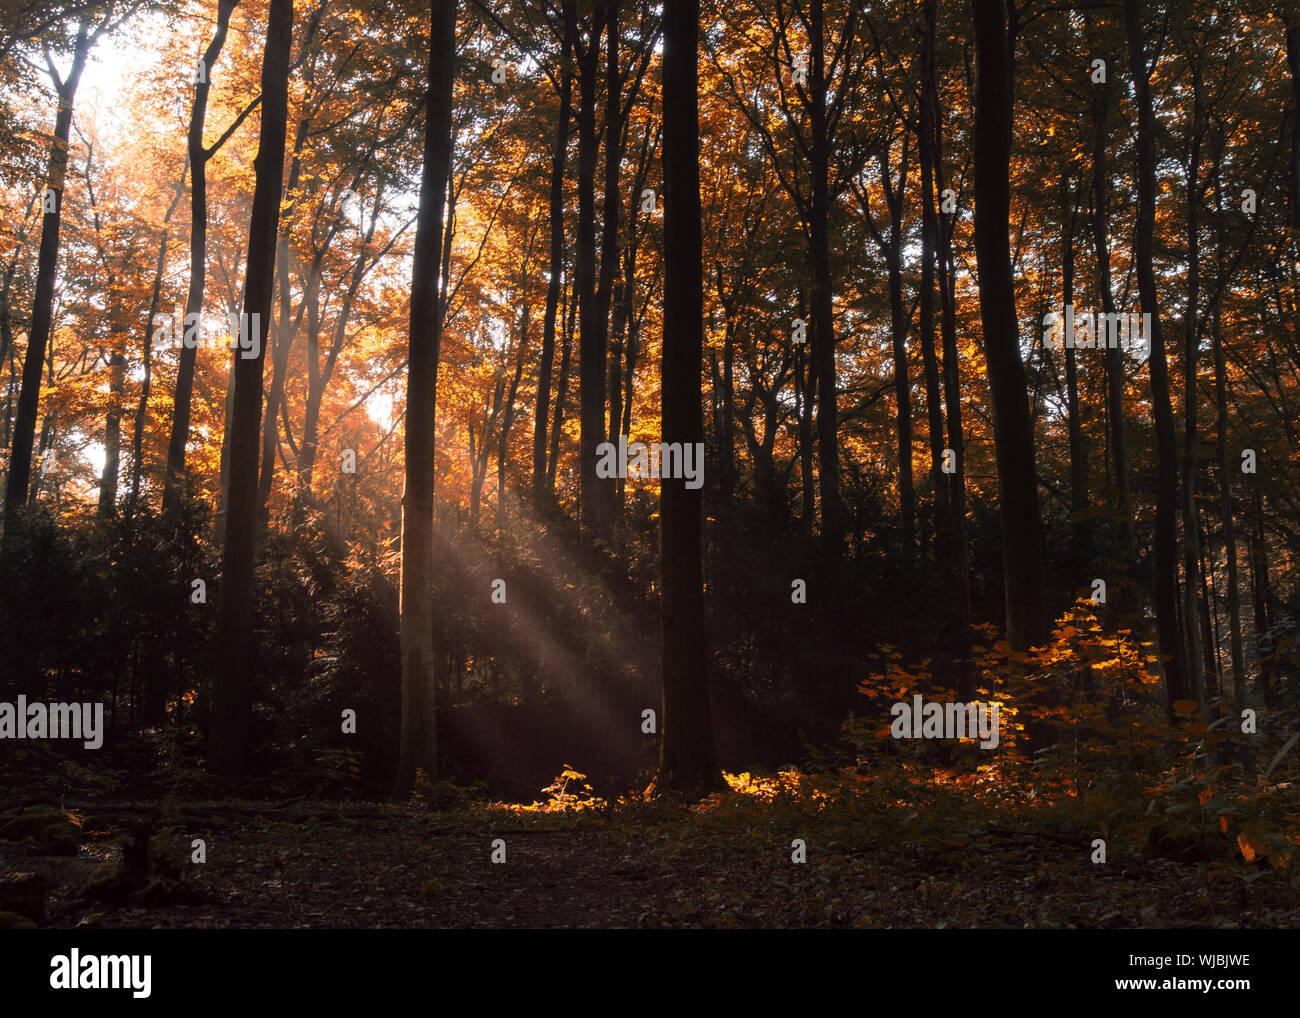 Los árboles en el bosque durante el otoño Foto de stock